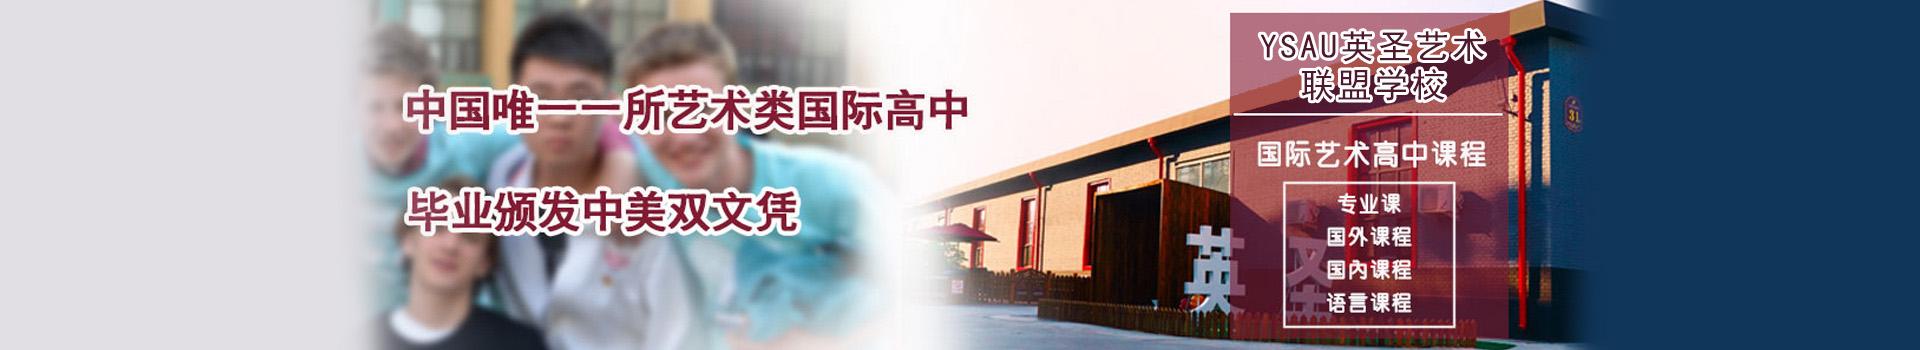 北京英圣艺术联盟学校